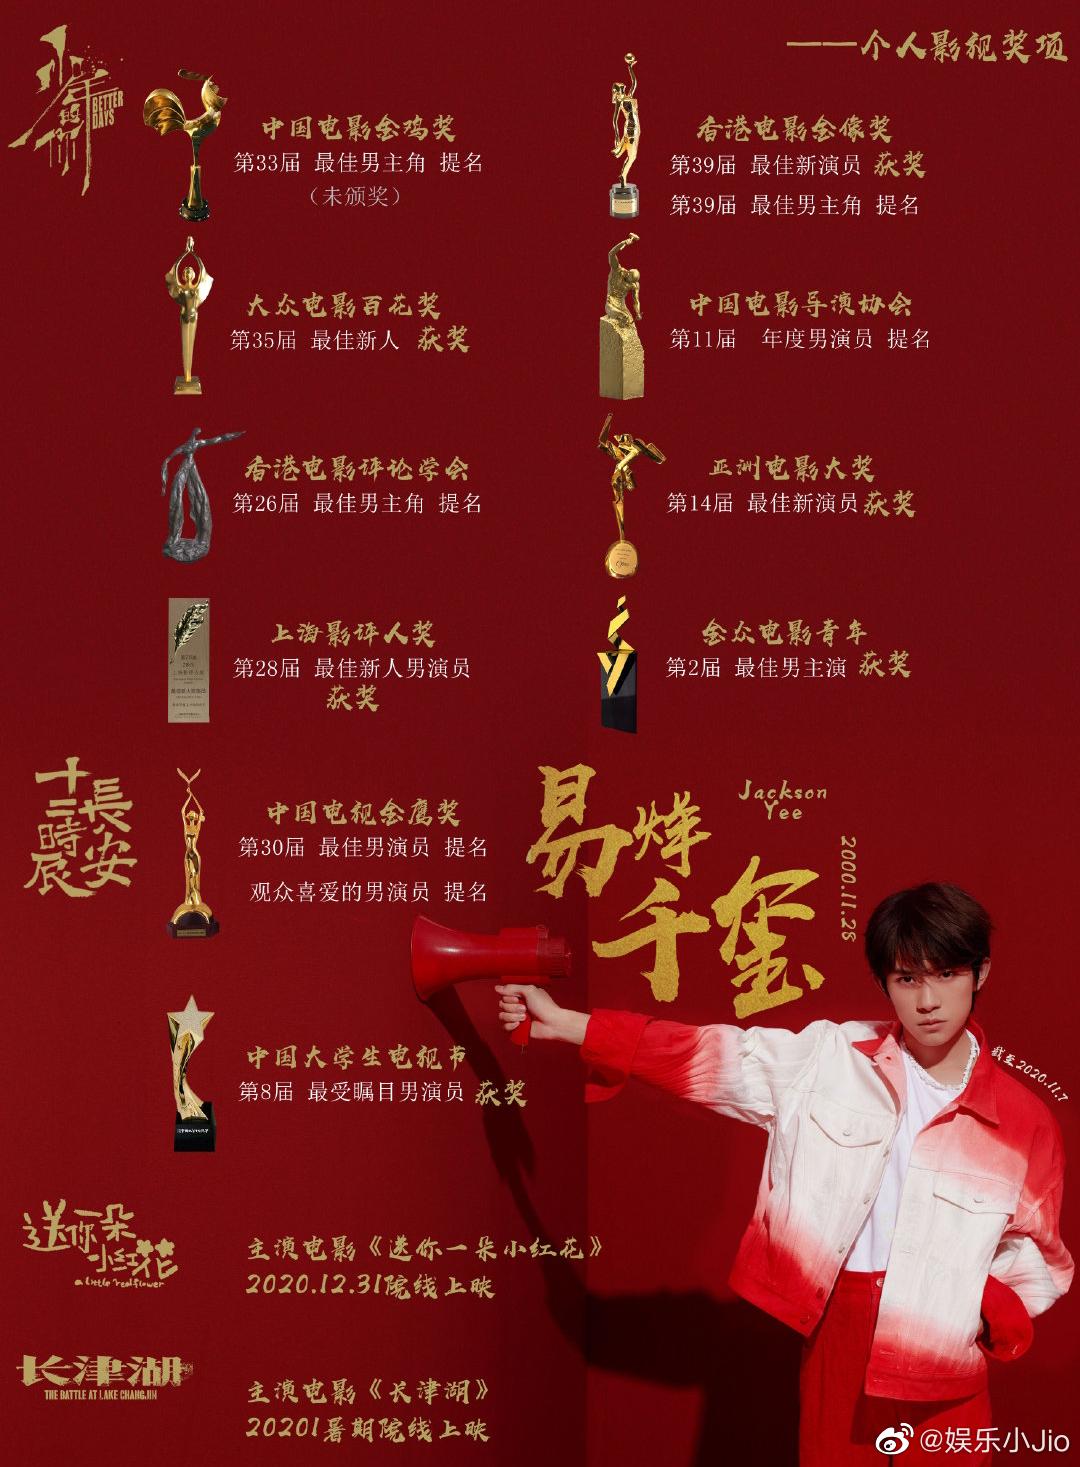 """易烊千玺凭借《少年的你》斩获广州大学生影展""""最受大学生欢迎男主角"""